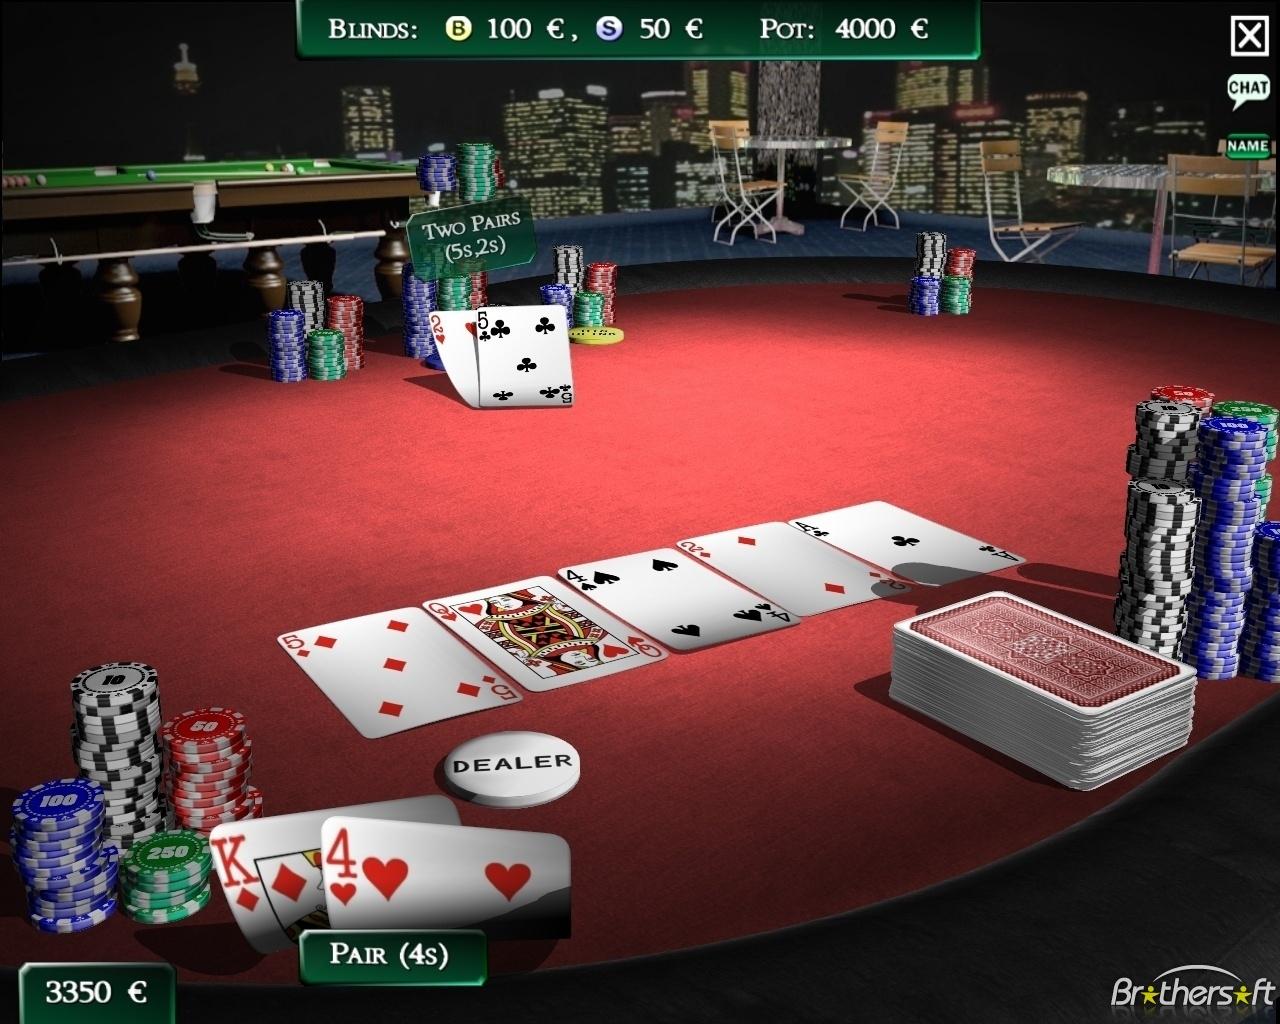 Giochi poker gratuiti